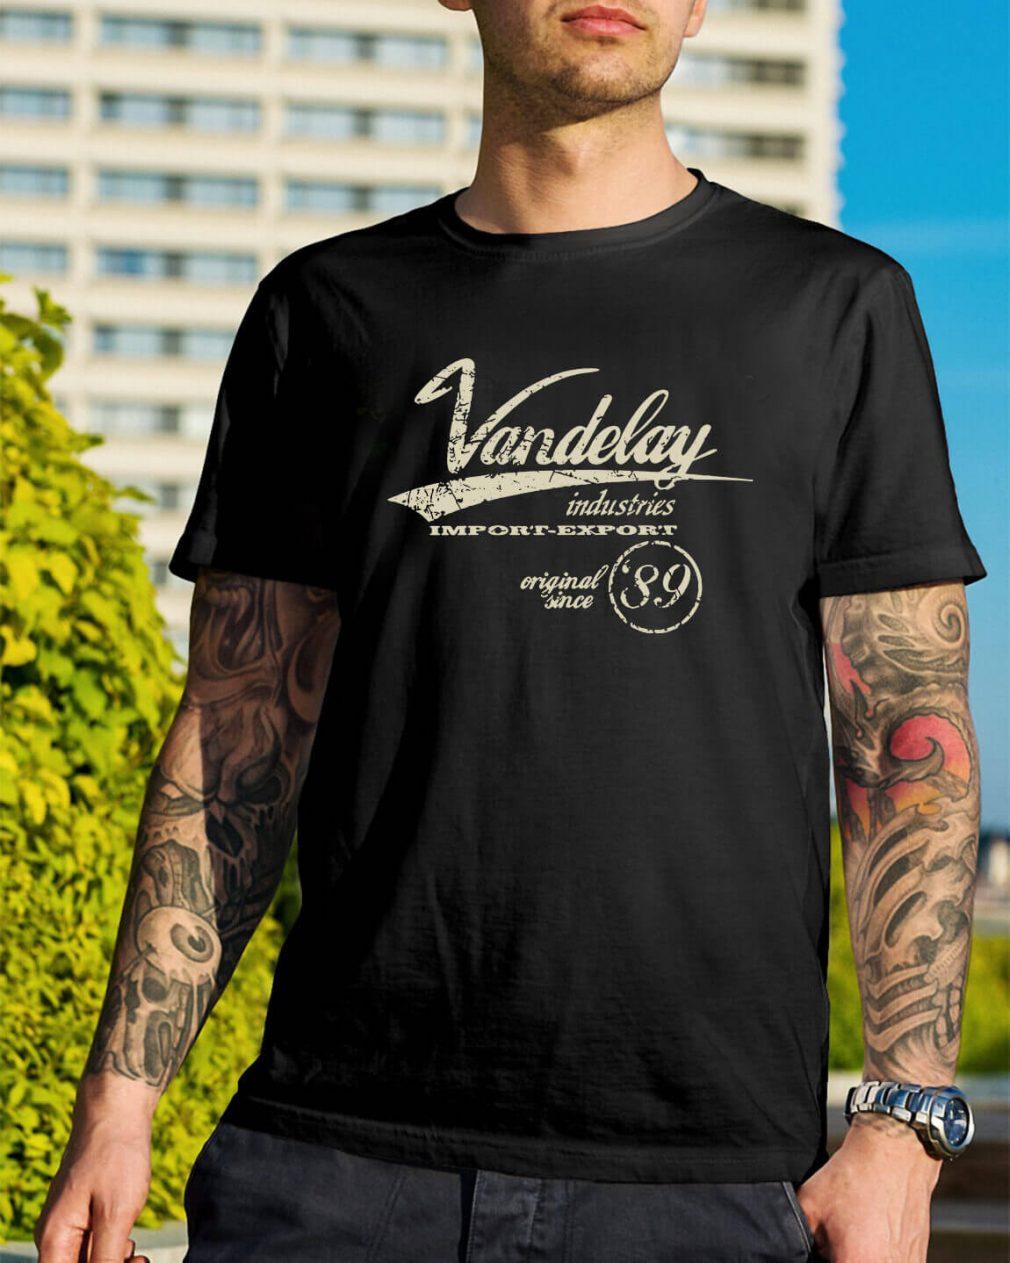 Vandelay industries importer exporter original since shirt